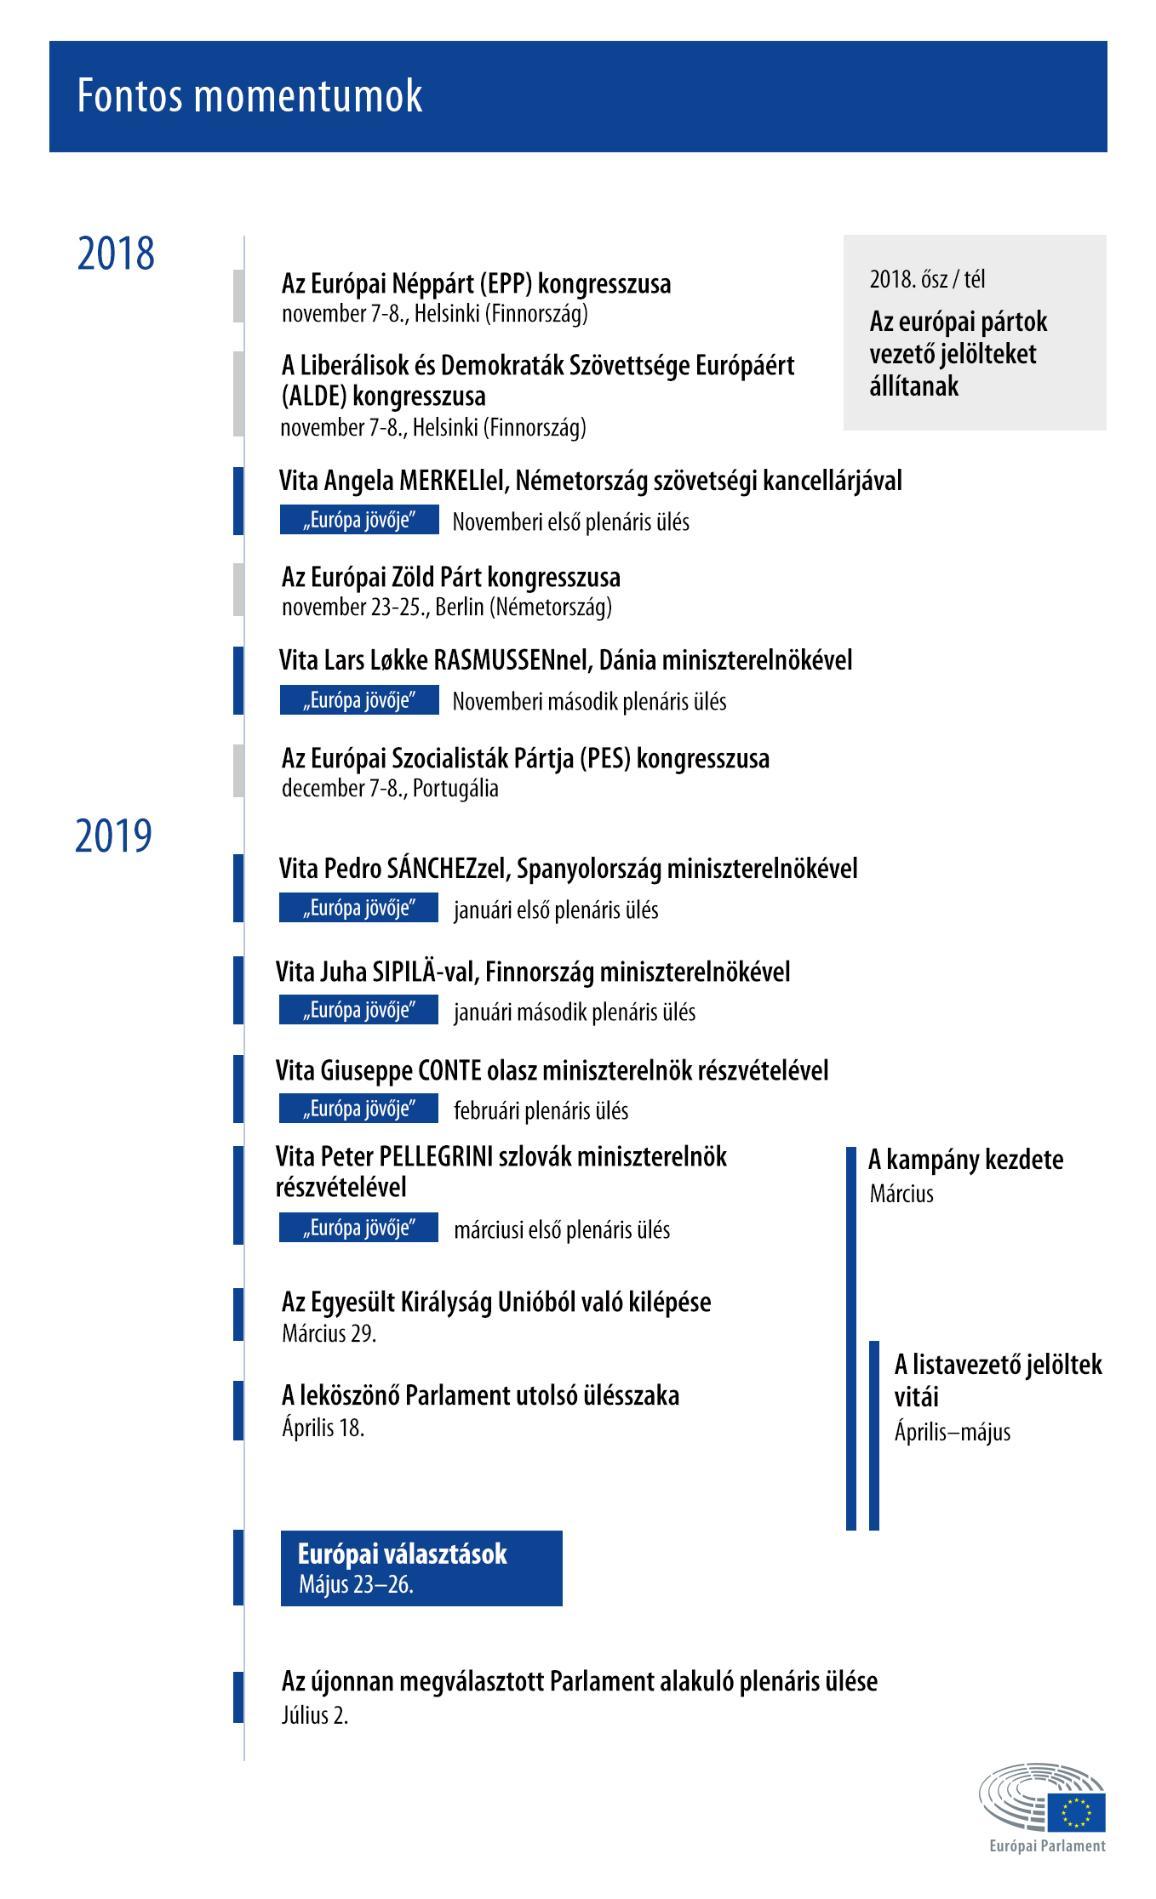 Fontos események az európai választások előtt